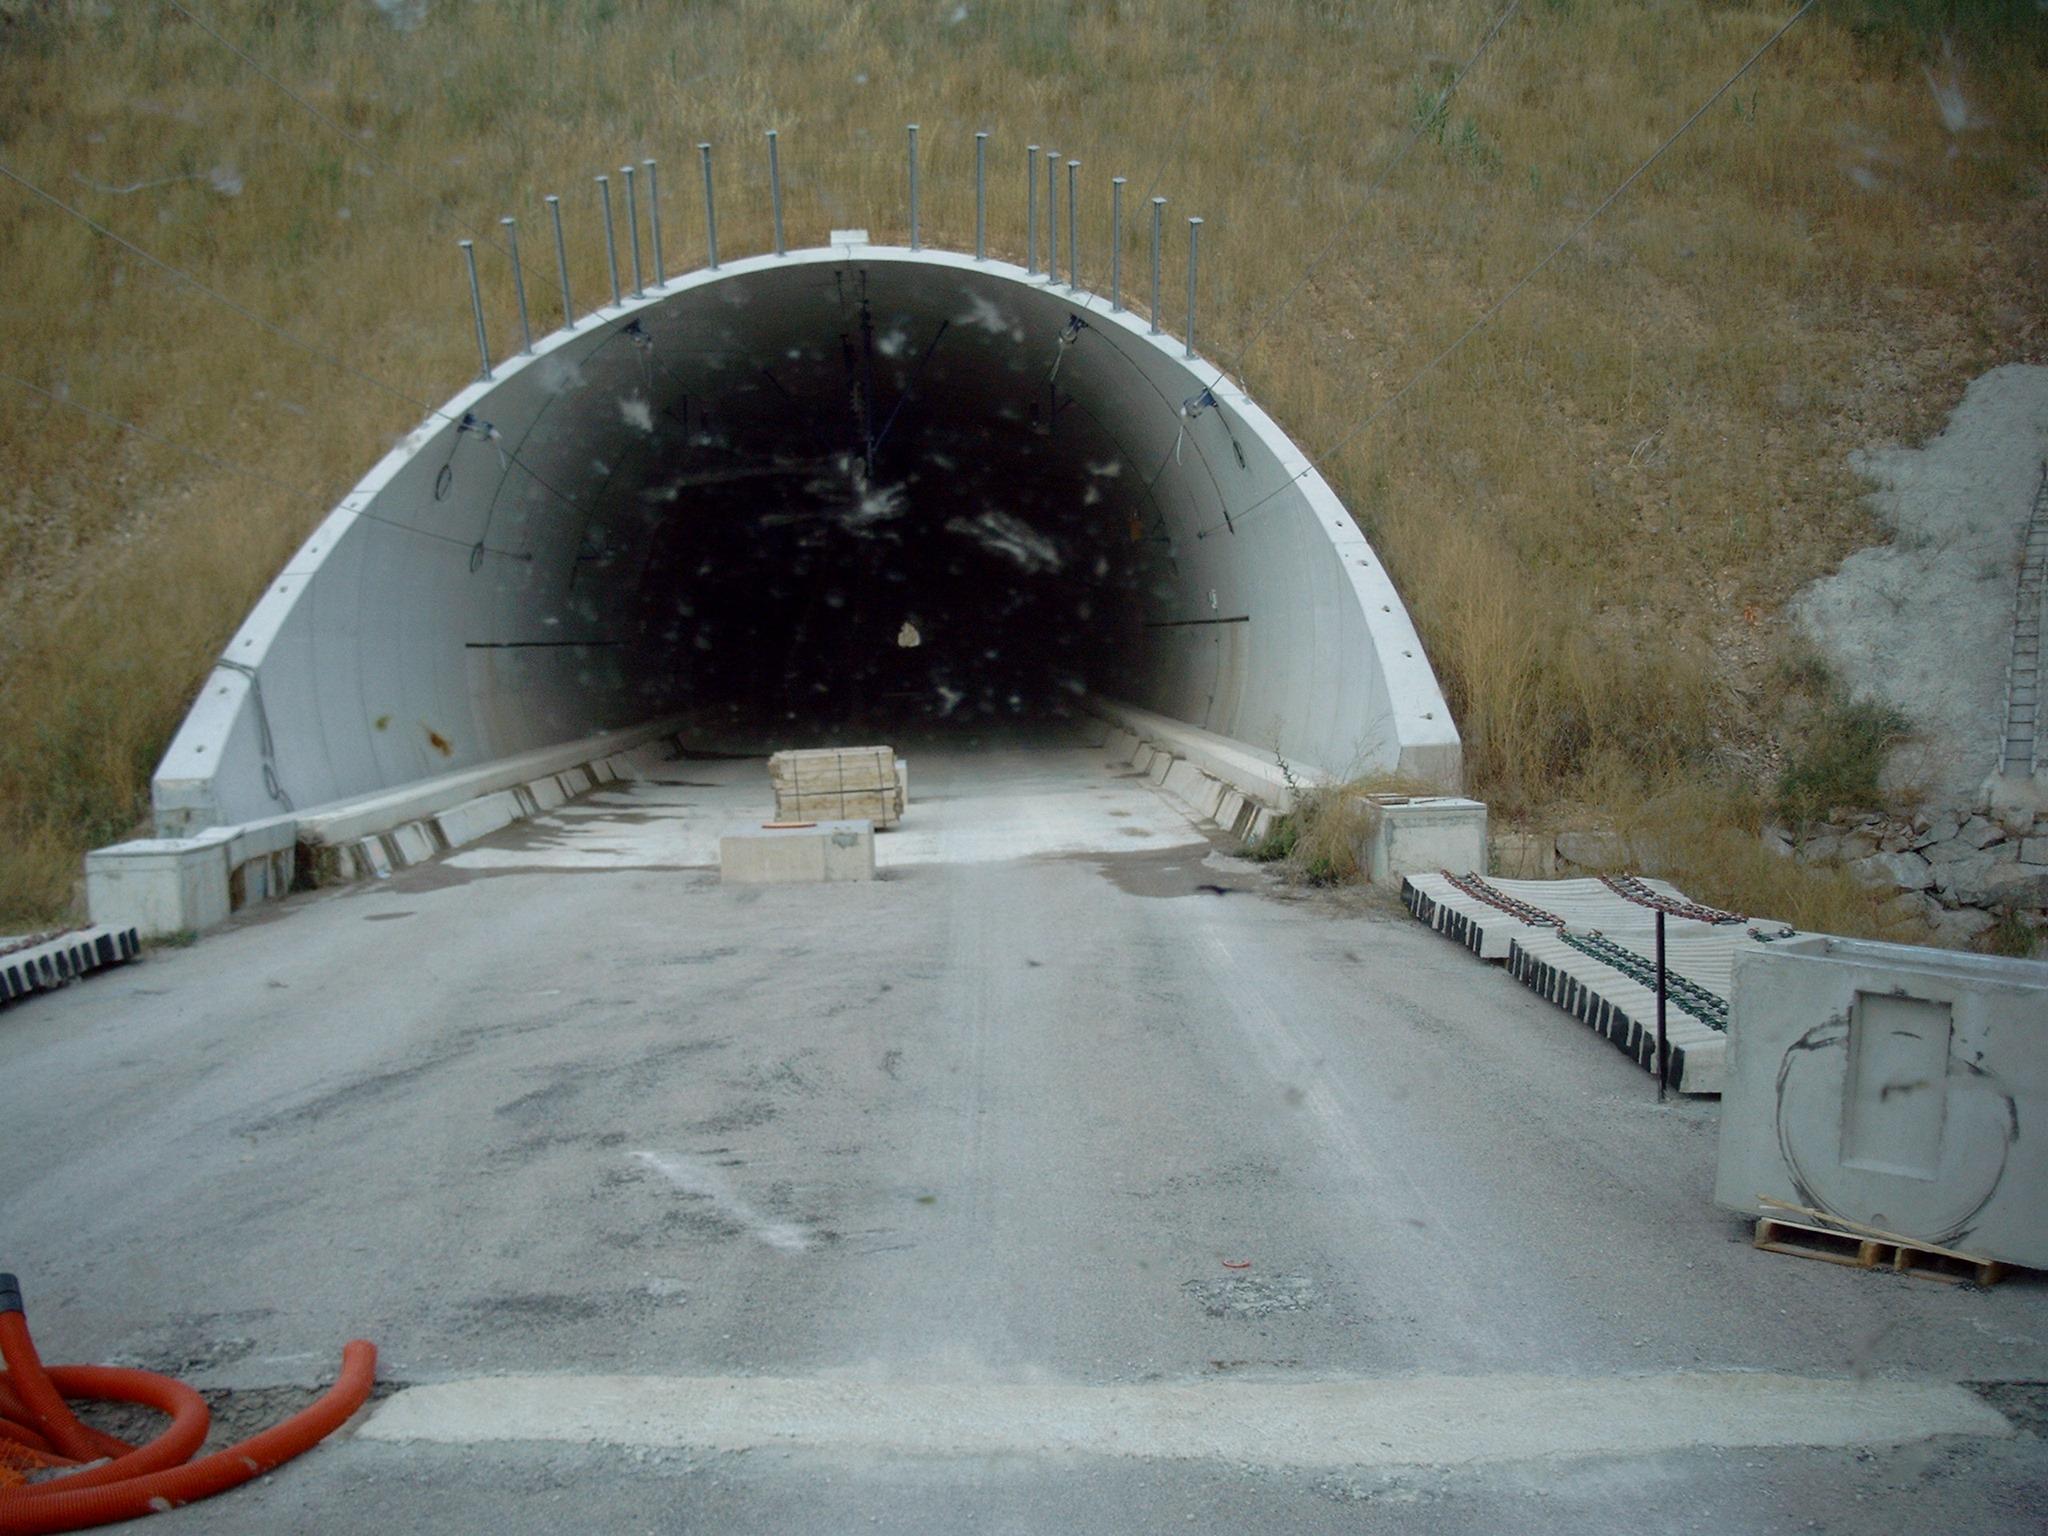 Zufahrt-zum-Tunnelneubau--Anliefern-von-Eisenbahnschwellen-(10)